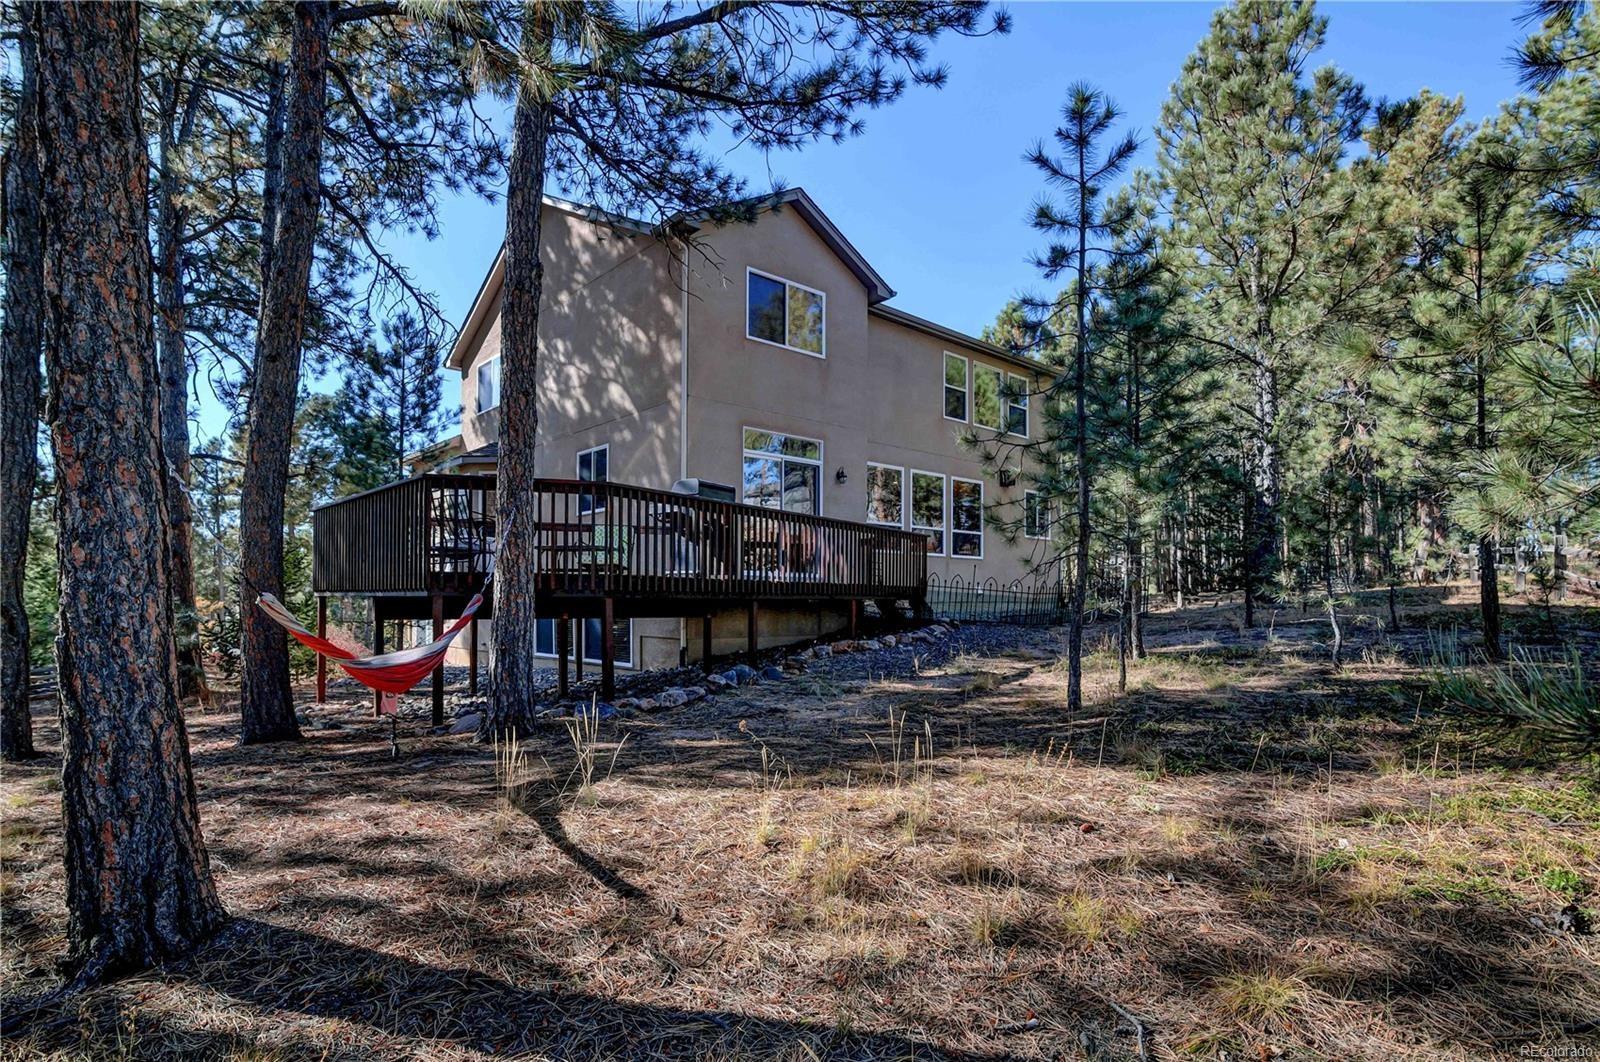 MLS# 5456451 - 2 - 15971 Woodmeadow Court, Colorado Springs, CO 80921